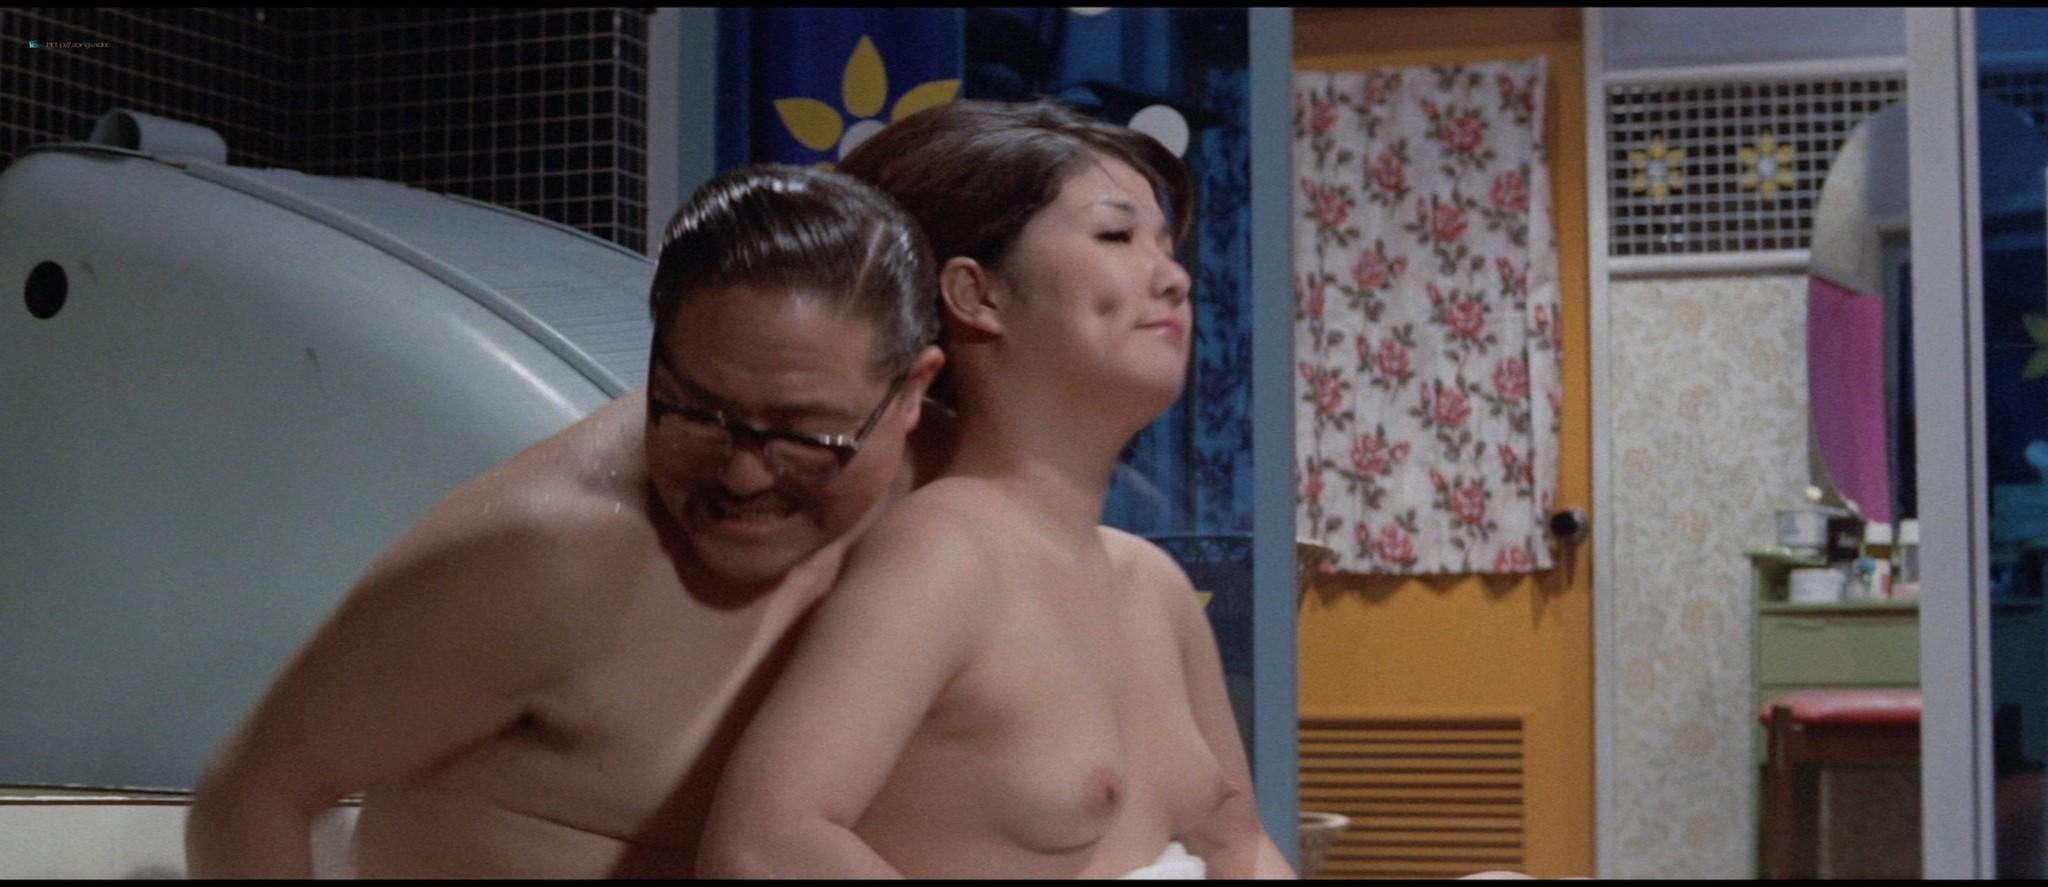 Tomoko Katsura nude sex Hidemi Hara nude sex too - Mesunekotachi no yoru (JP-1972) HD 1080p BluRay (17)